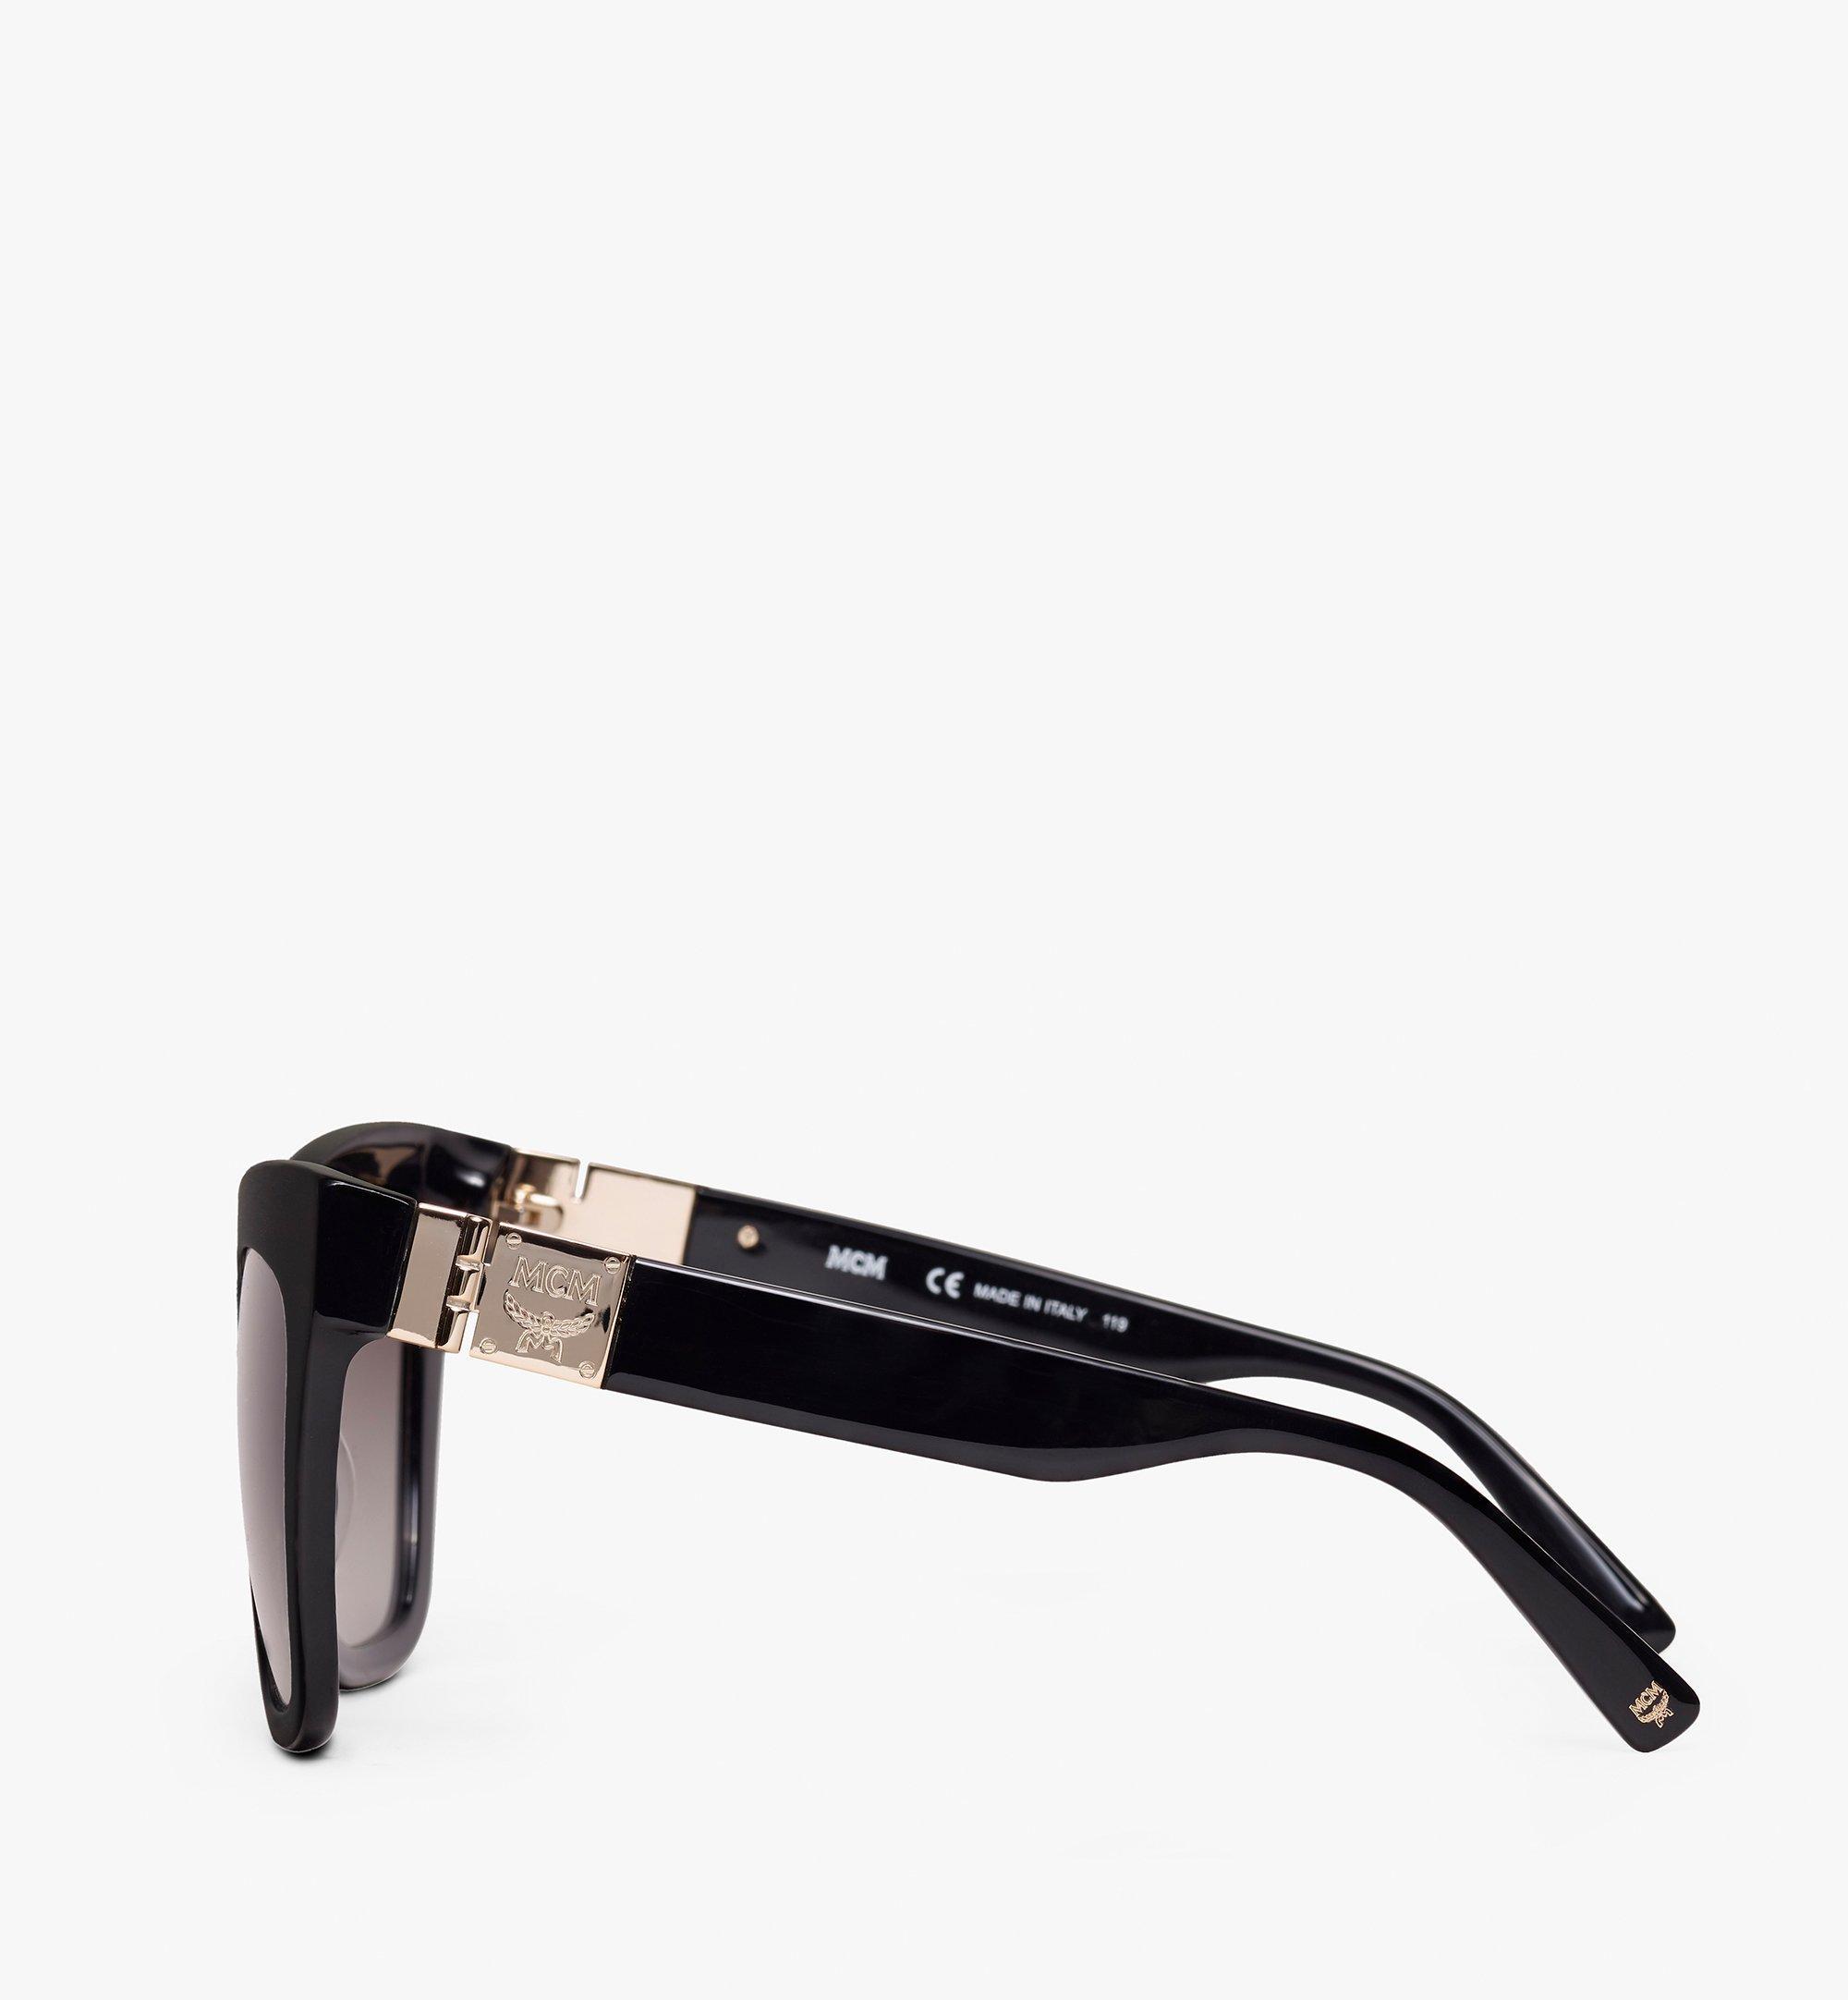 One Size Lunettes de soleil œil de chat Black | MCM® FR